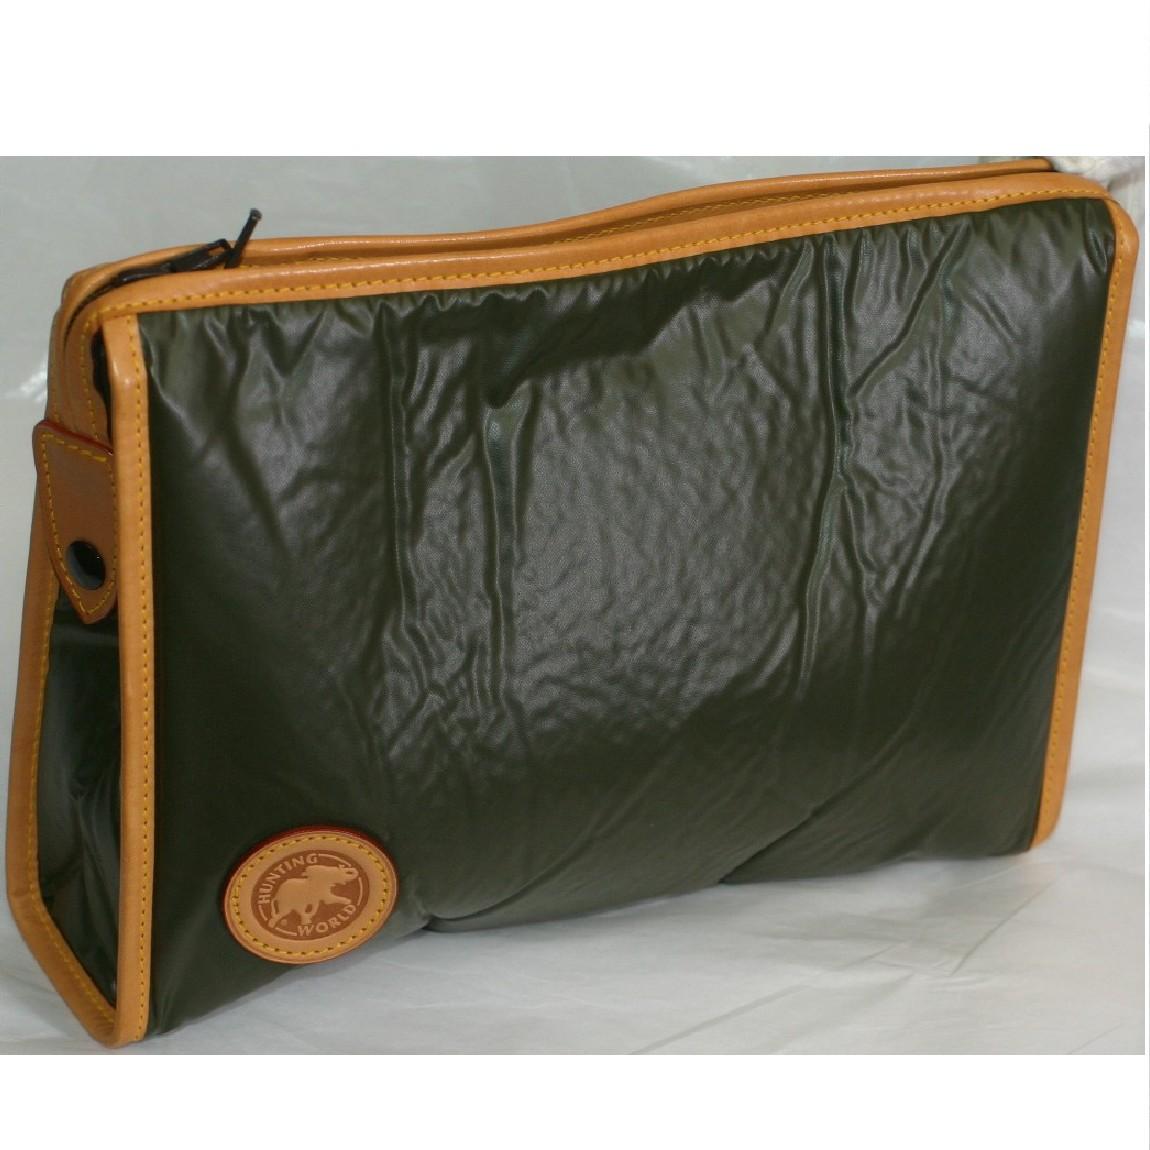 【中古】本物ほぼ新品H,Wハンティングワールドカーキバチュー紳士用セカンドバッグ サイズW28,3H21D6,5cm